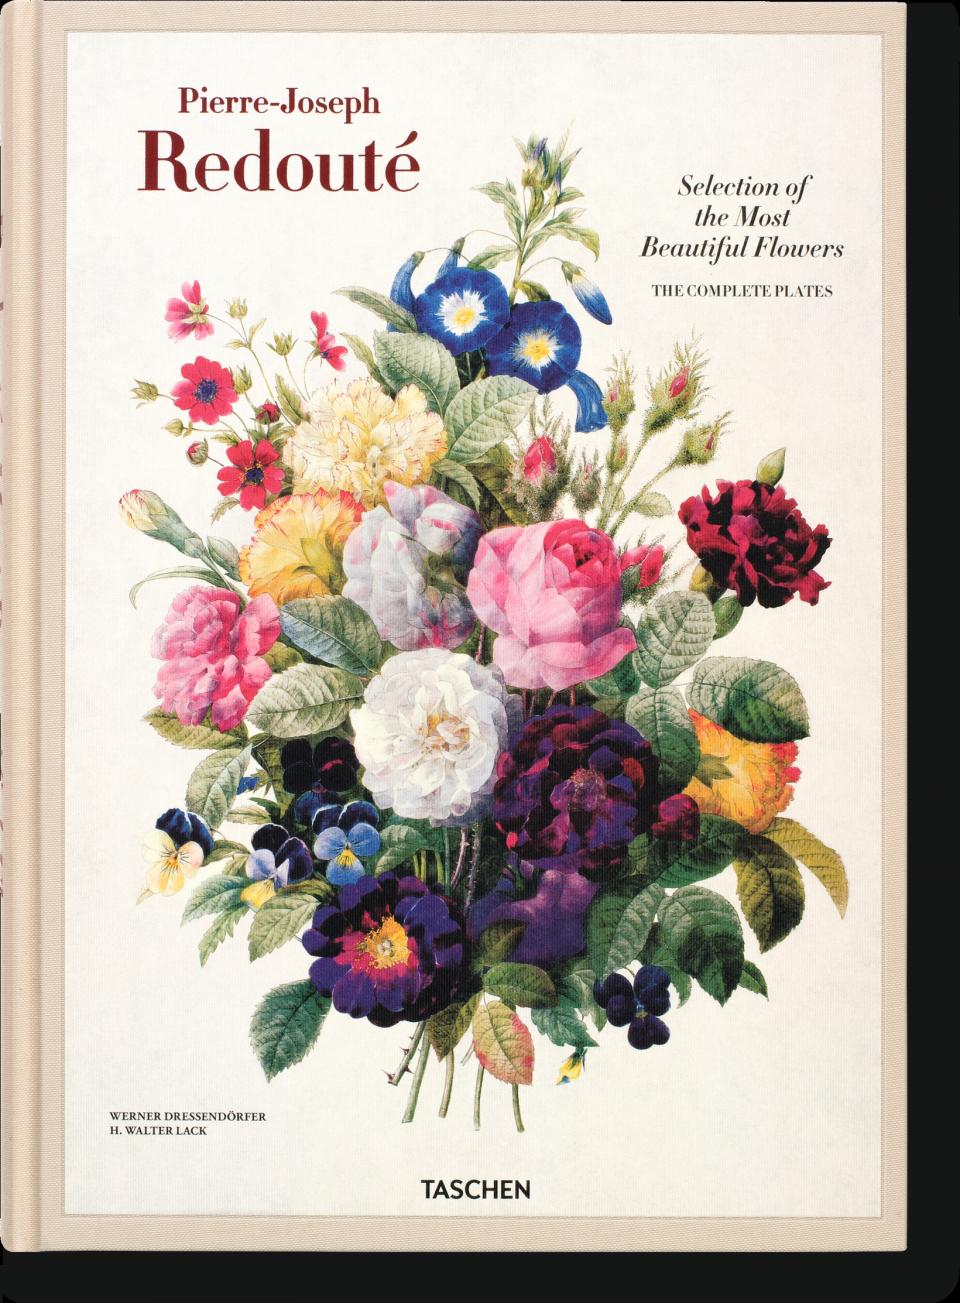 Livre de Pierre-Joseph Redouté,  Le choix des plus belles fleurs.  Sélection Jeanne Holsteyn